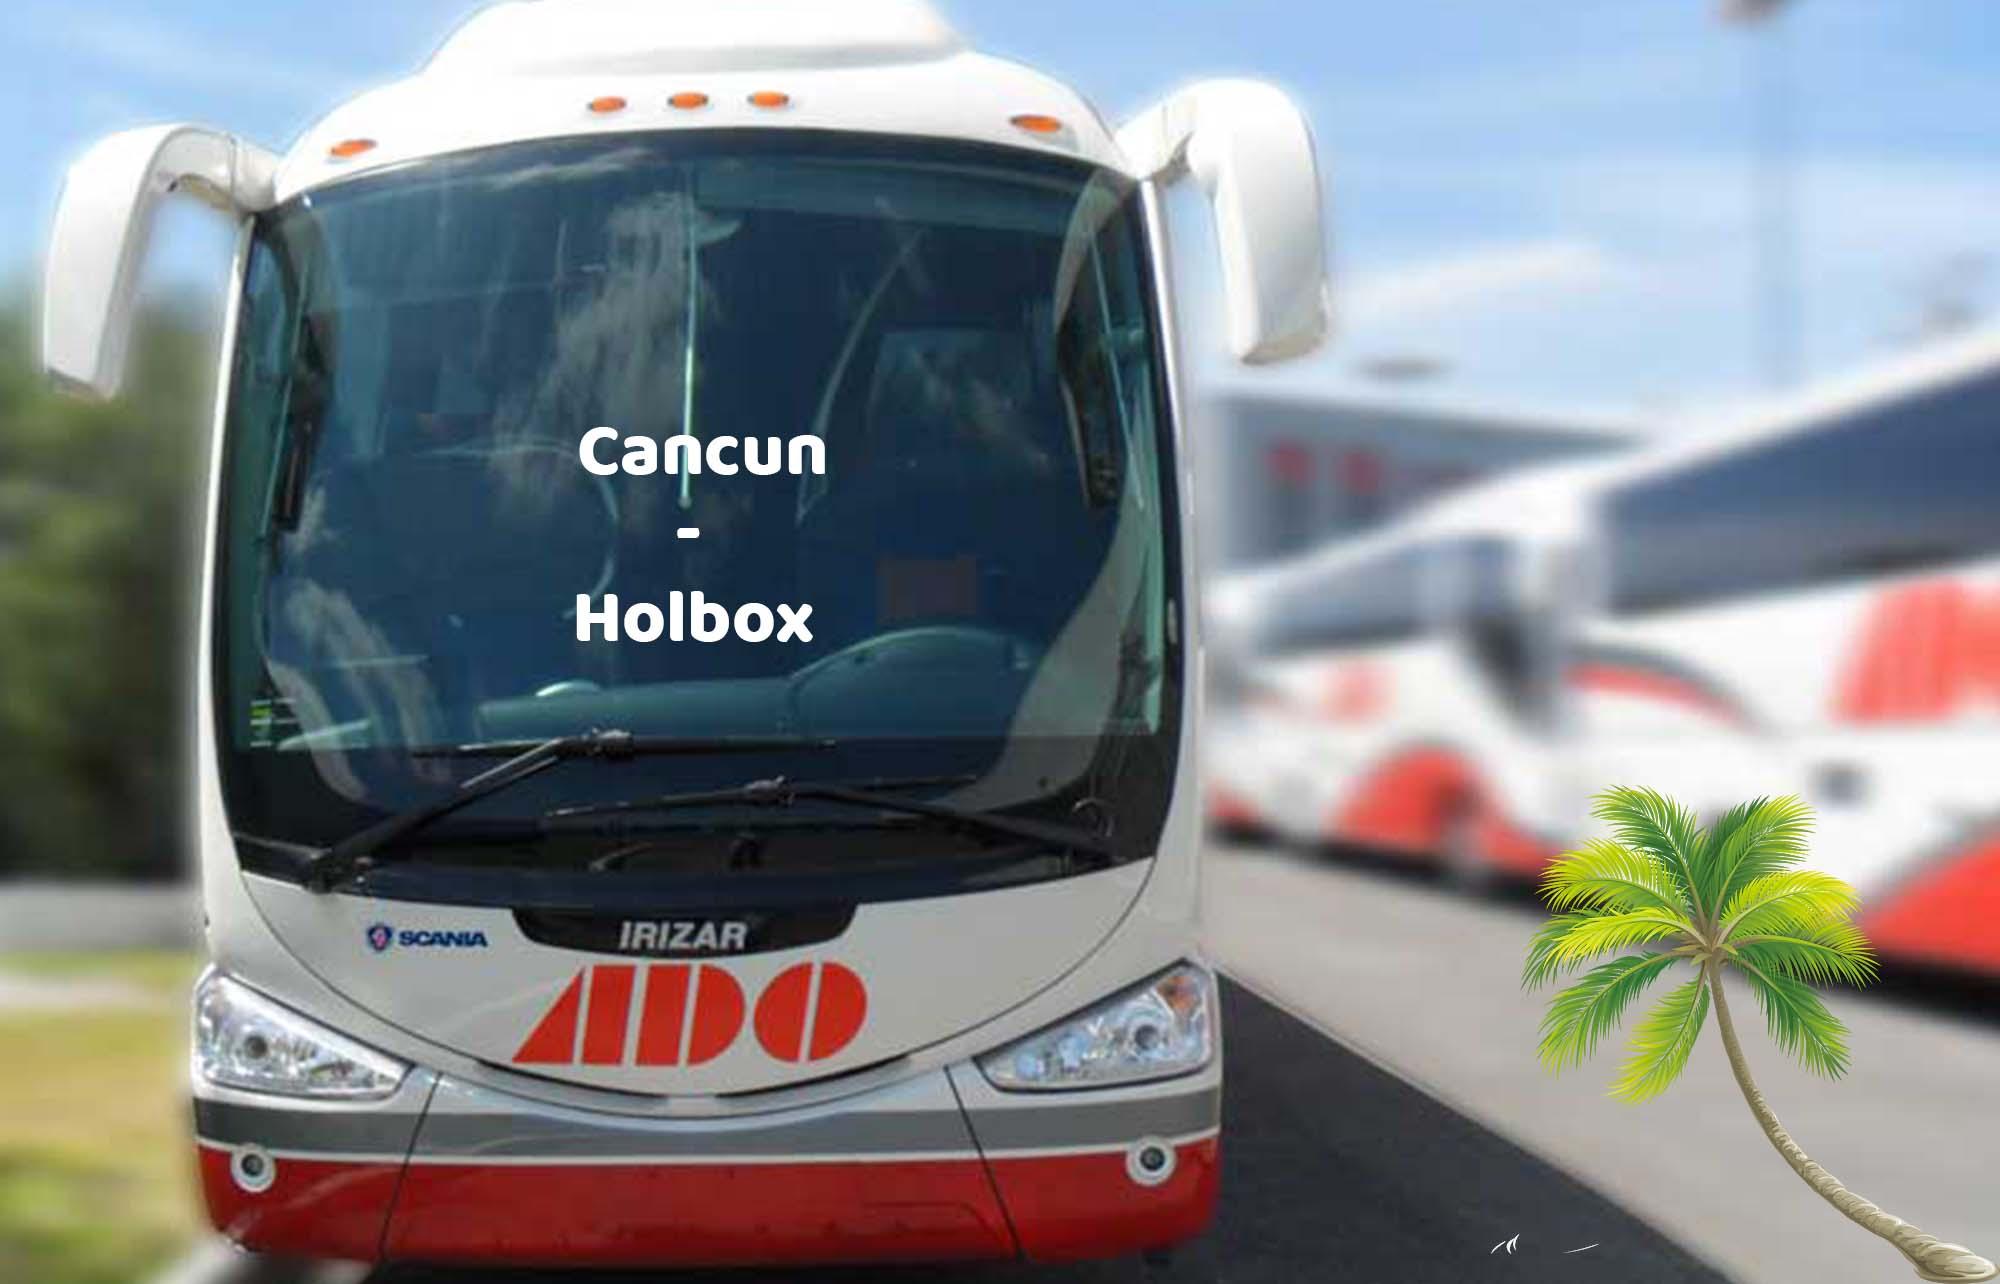 De cancun à Holbox